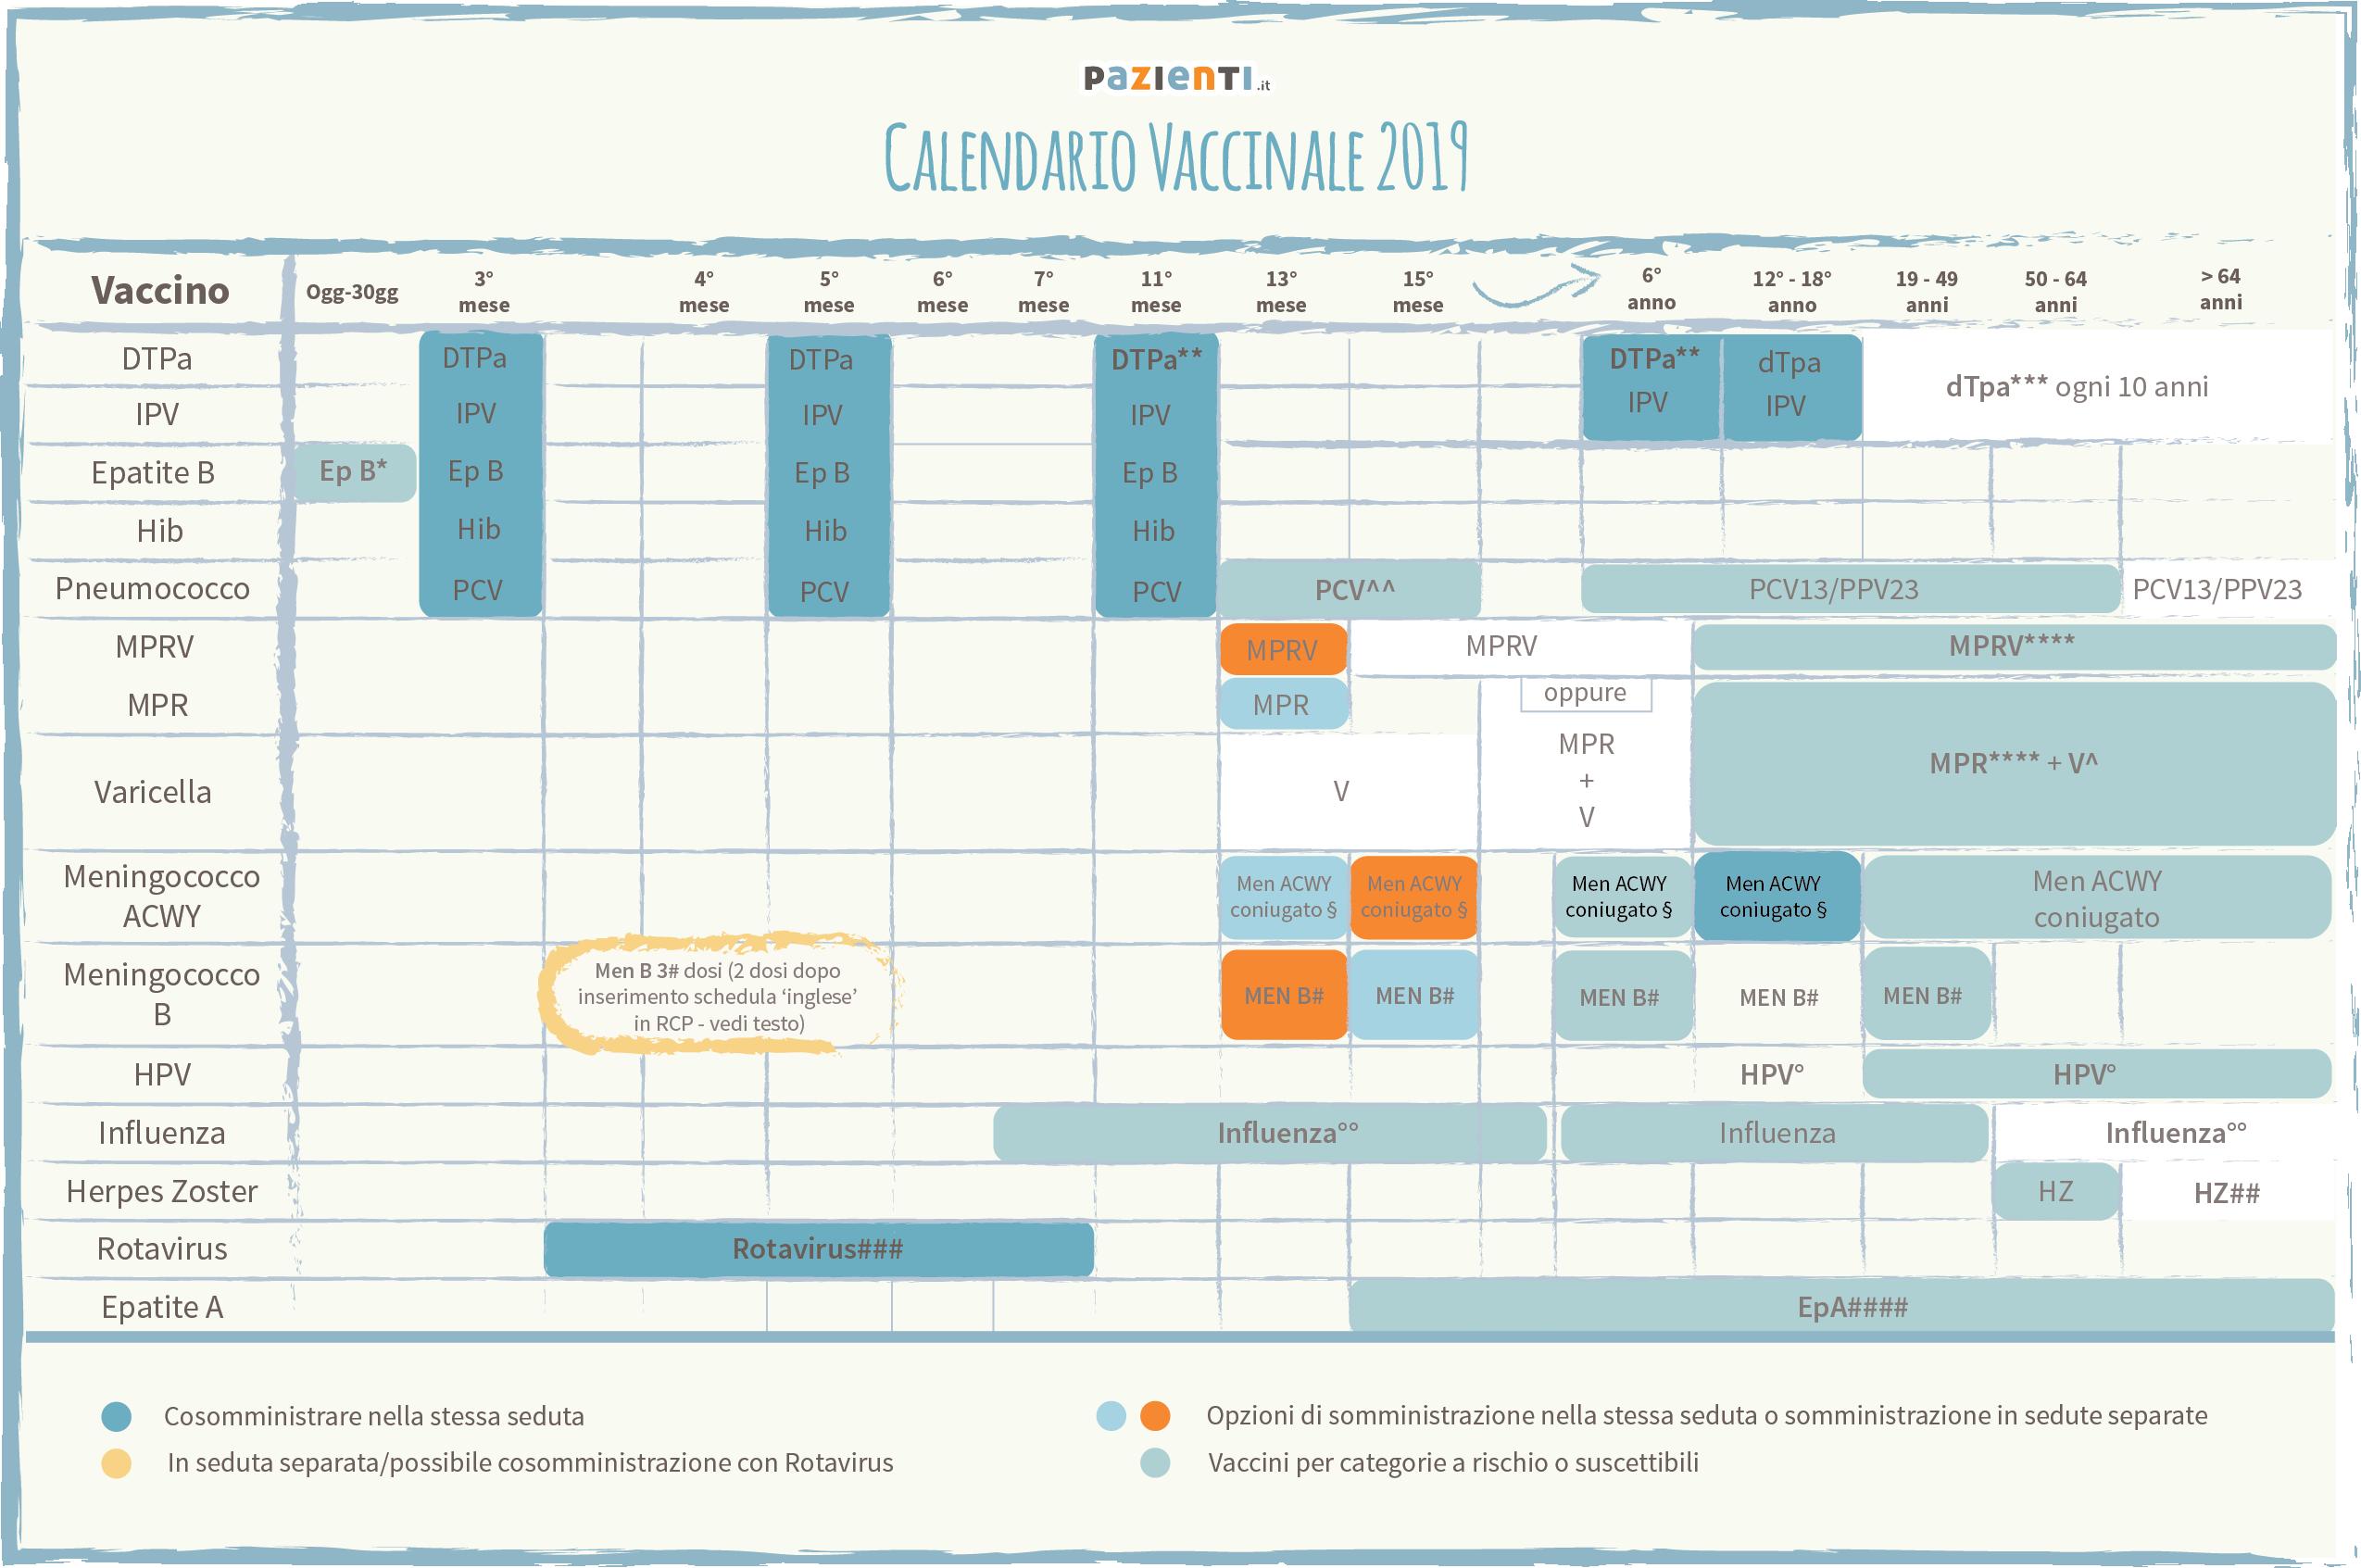 Calendario Vaccinale Italia.Calendario Vaccinale 2019 Facciamo Chiarezza Pazienti It